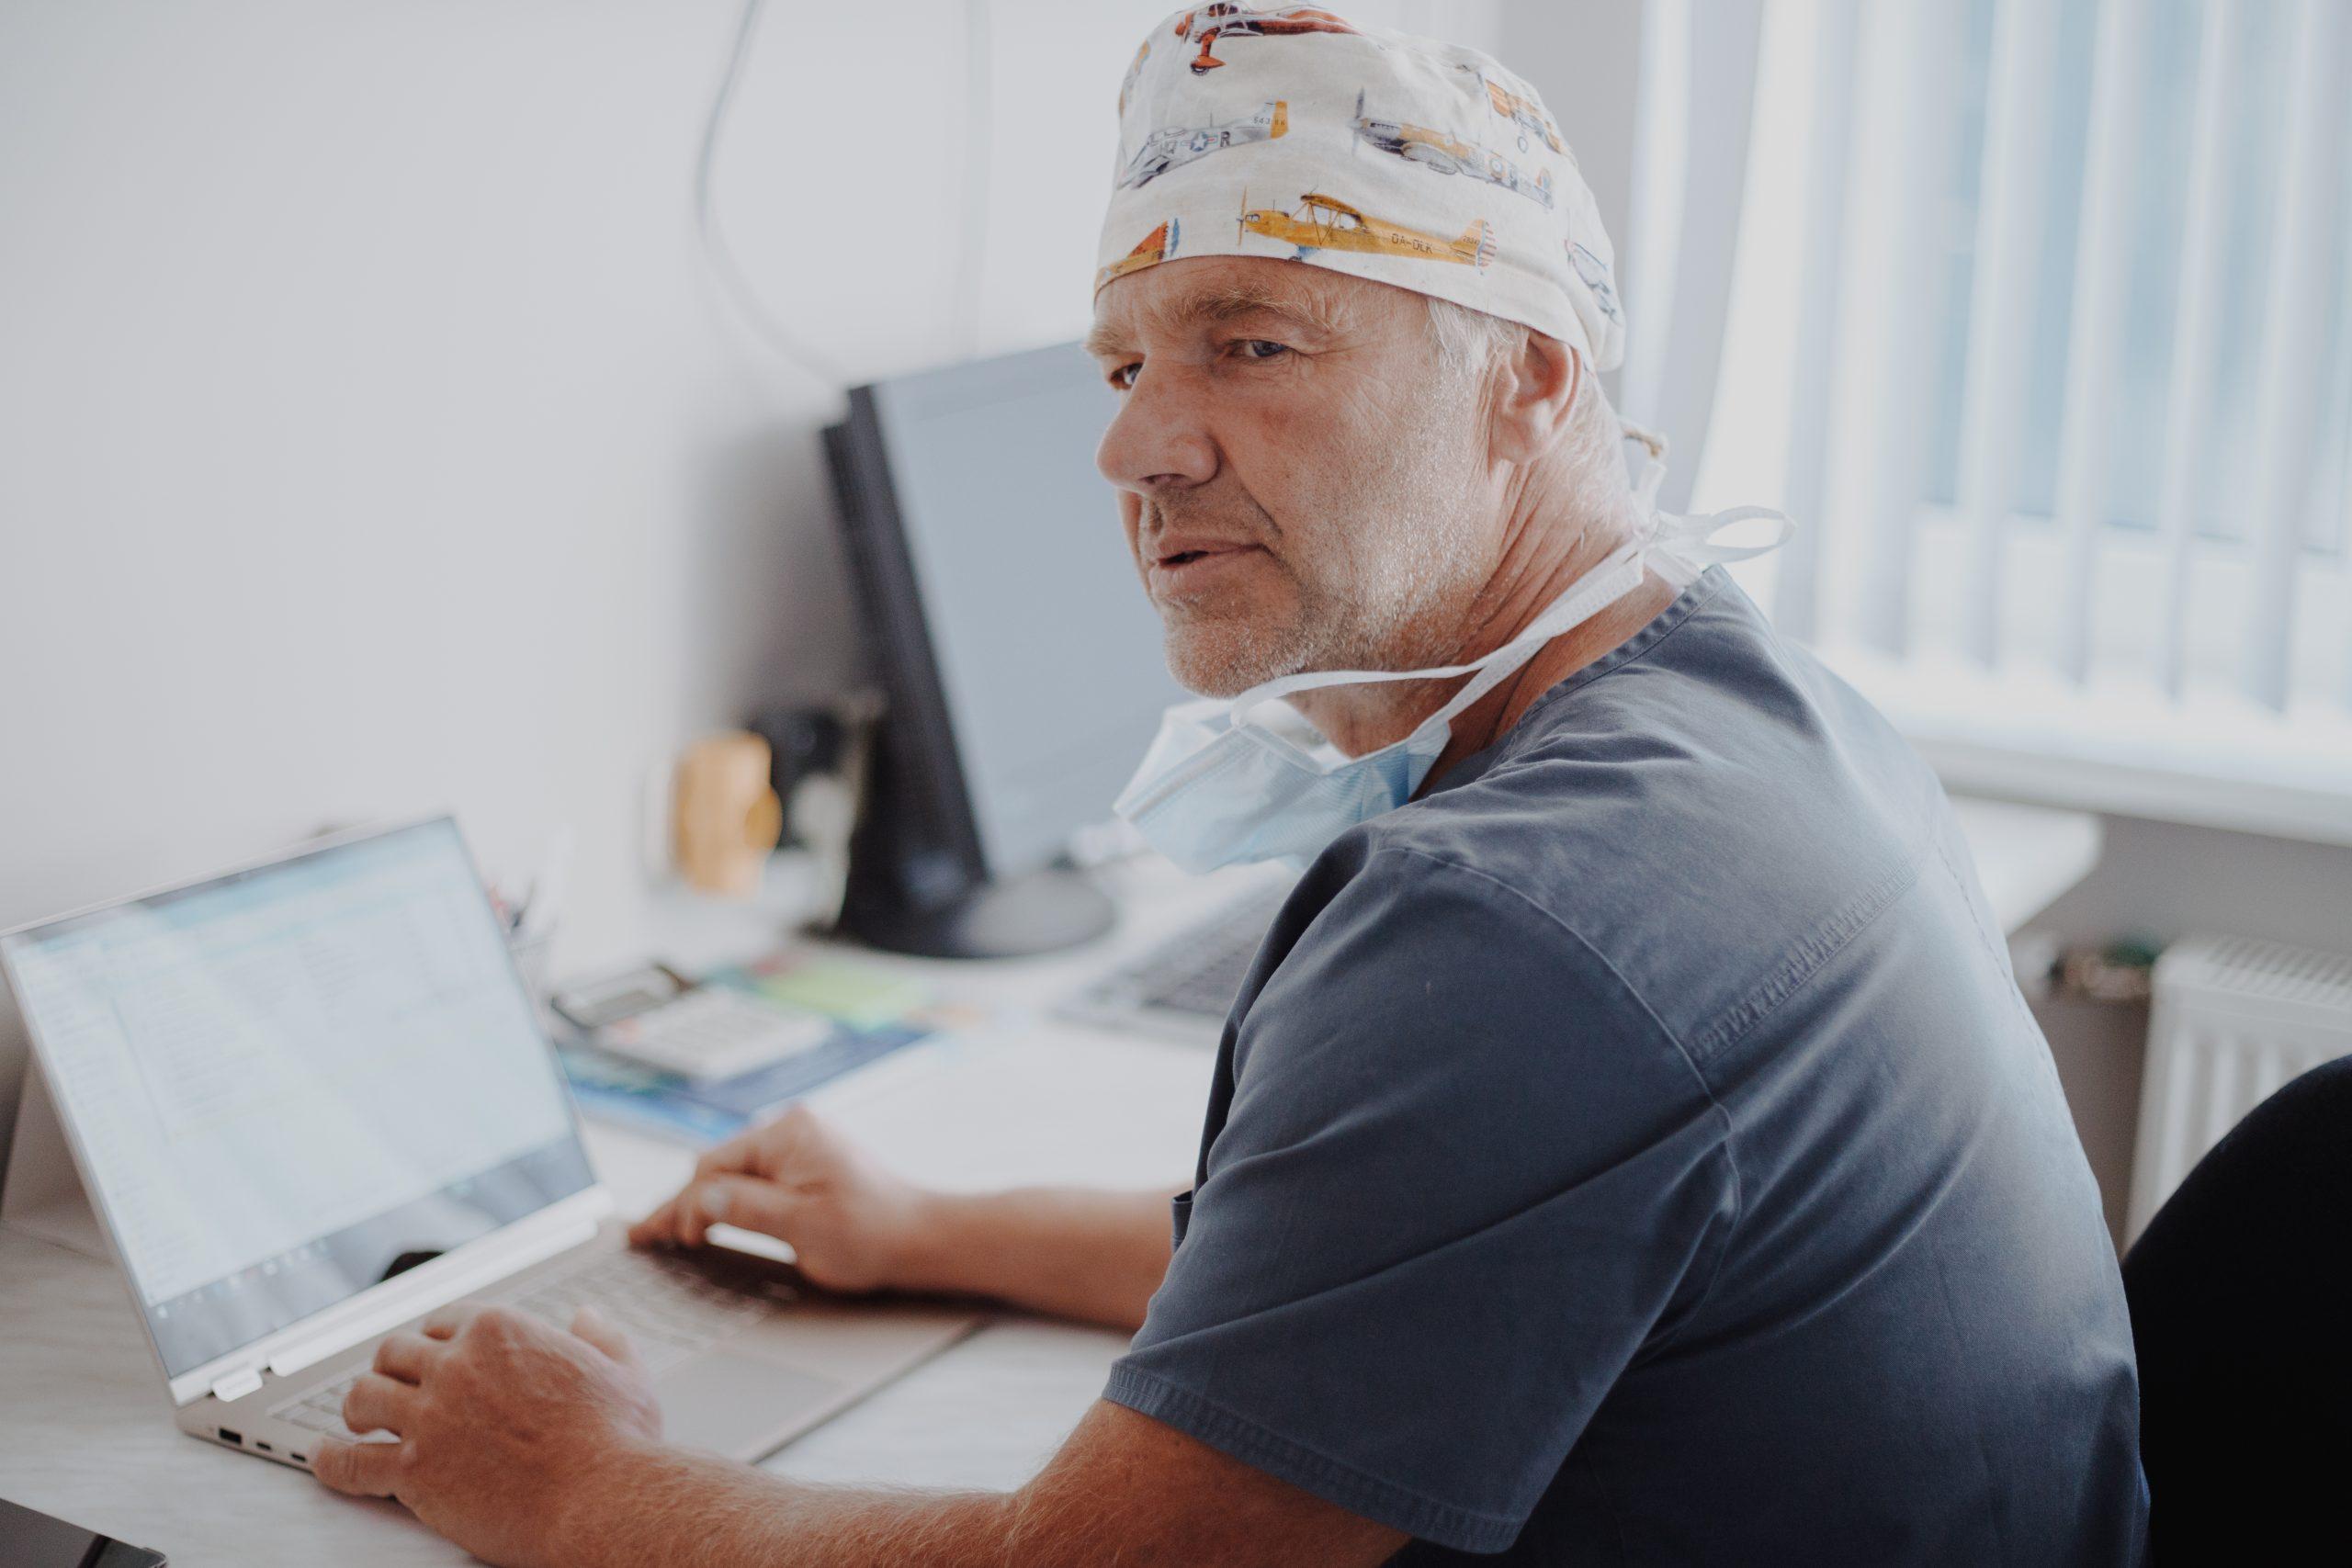 Dipitrēna kontraktūras ārstējošais ārsts